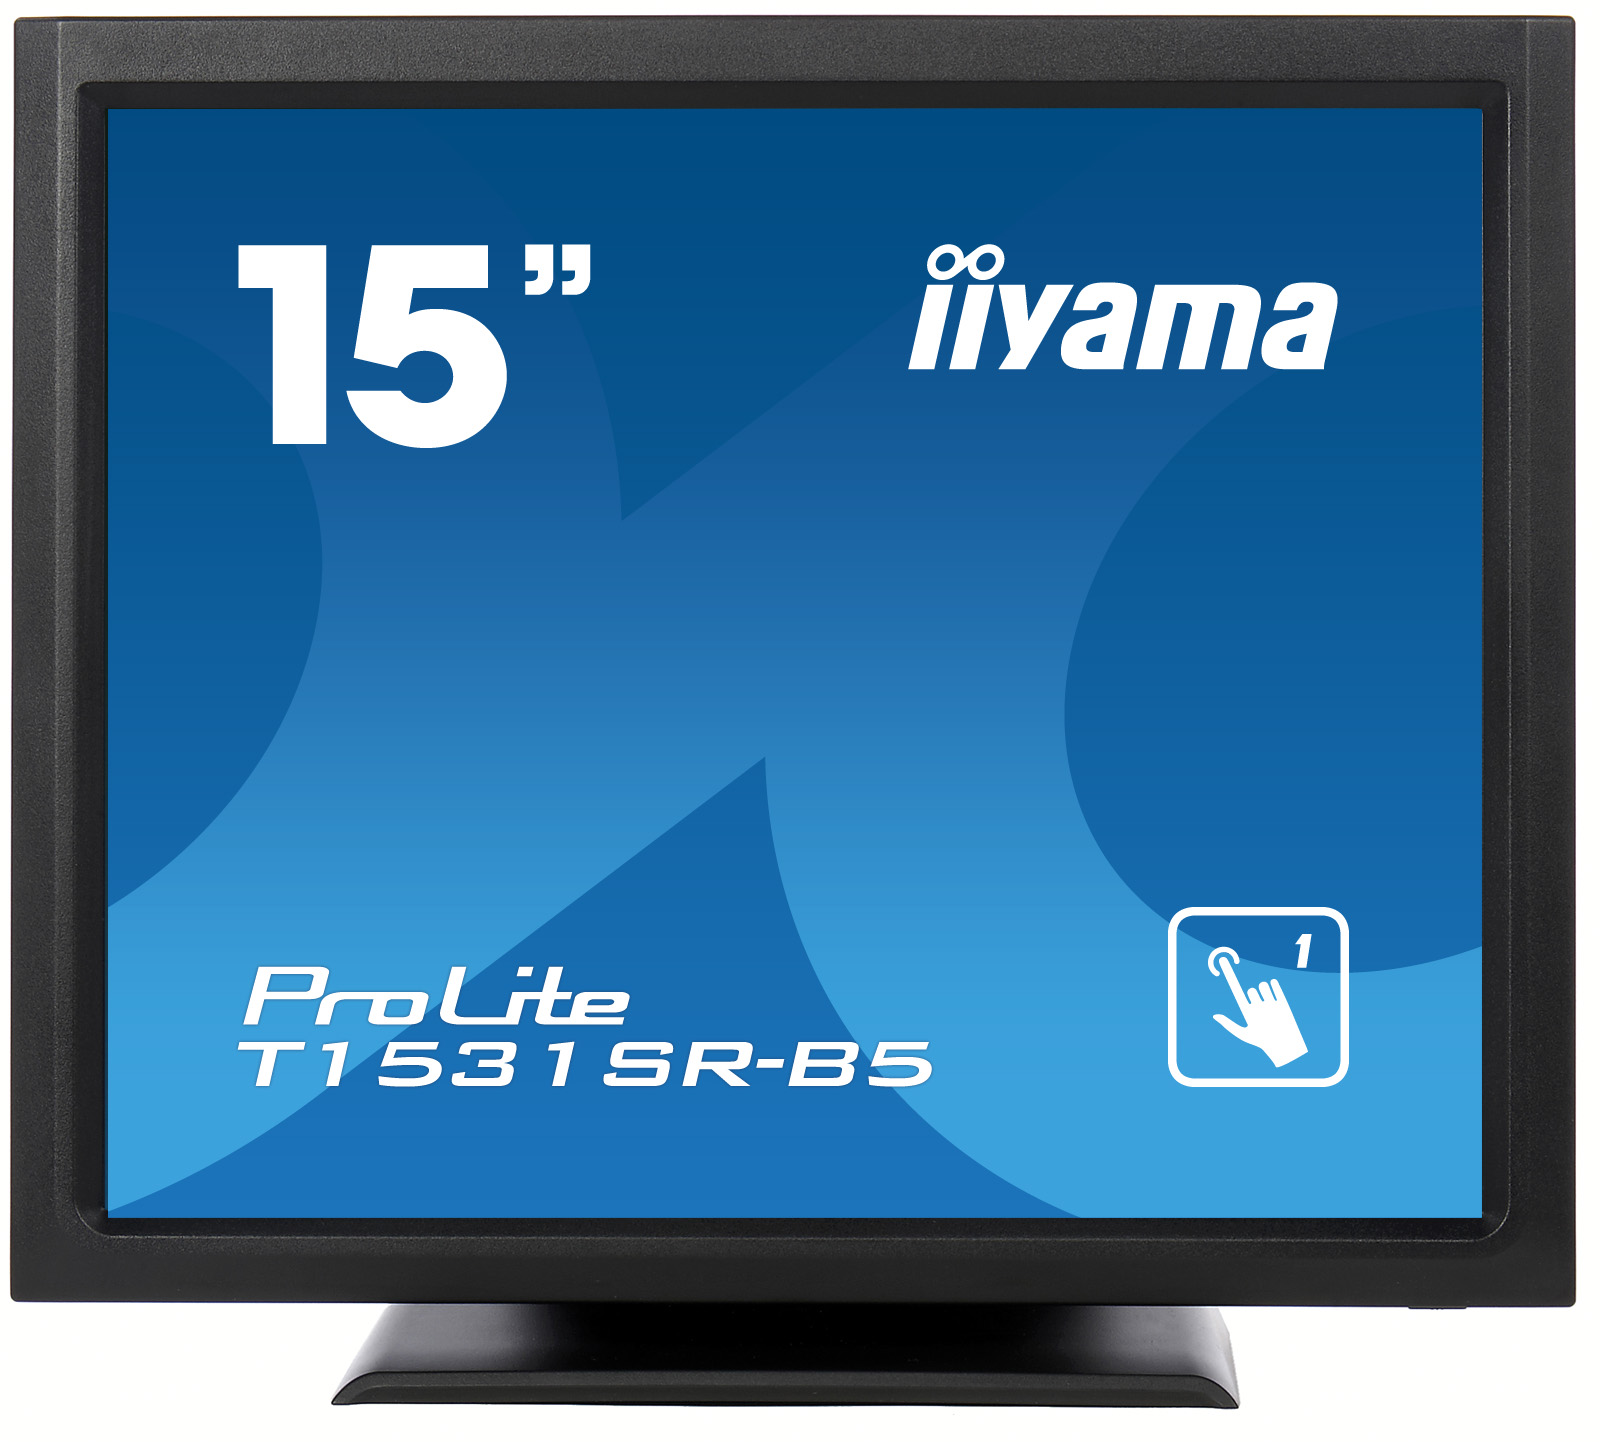 15'' iiyama T1531SR-B5 - TN,1024x768,8ms,370cd/m2, 700:1,4:3,VGA,HDMI,DP,USB,repro,výška.